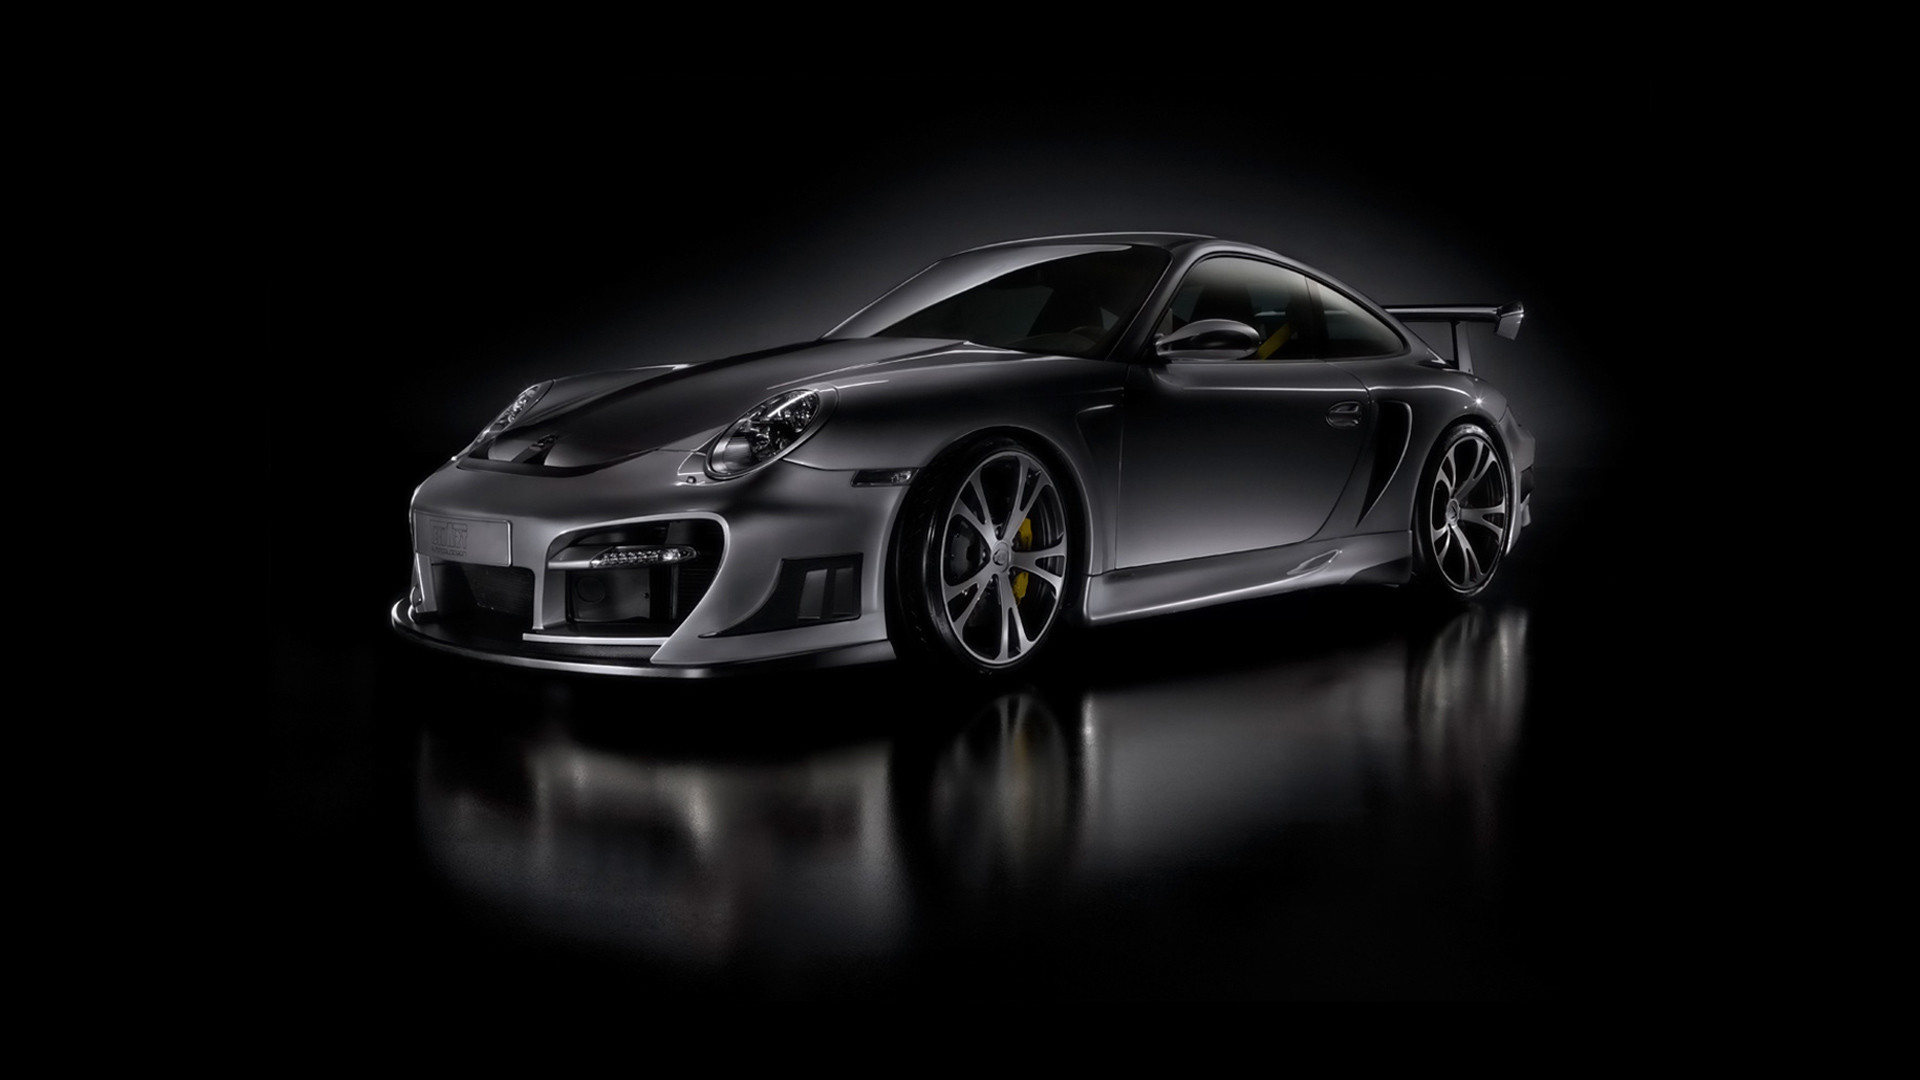 Res: 1920x1080, Dark Porsche GT Street Racing HDTV 1080p